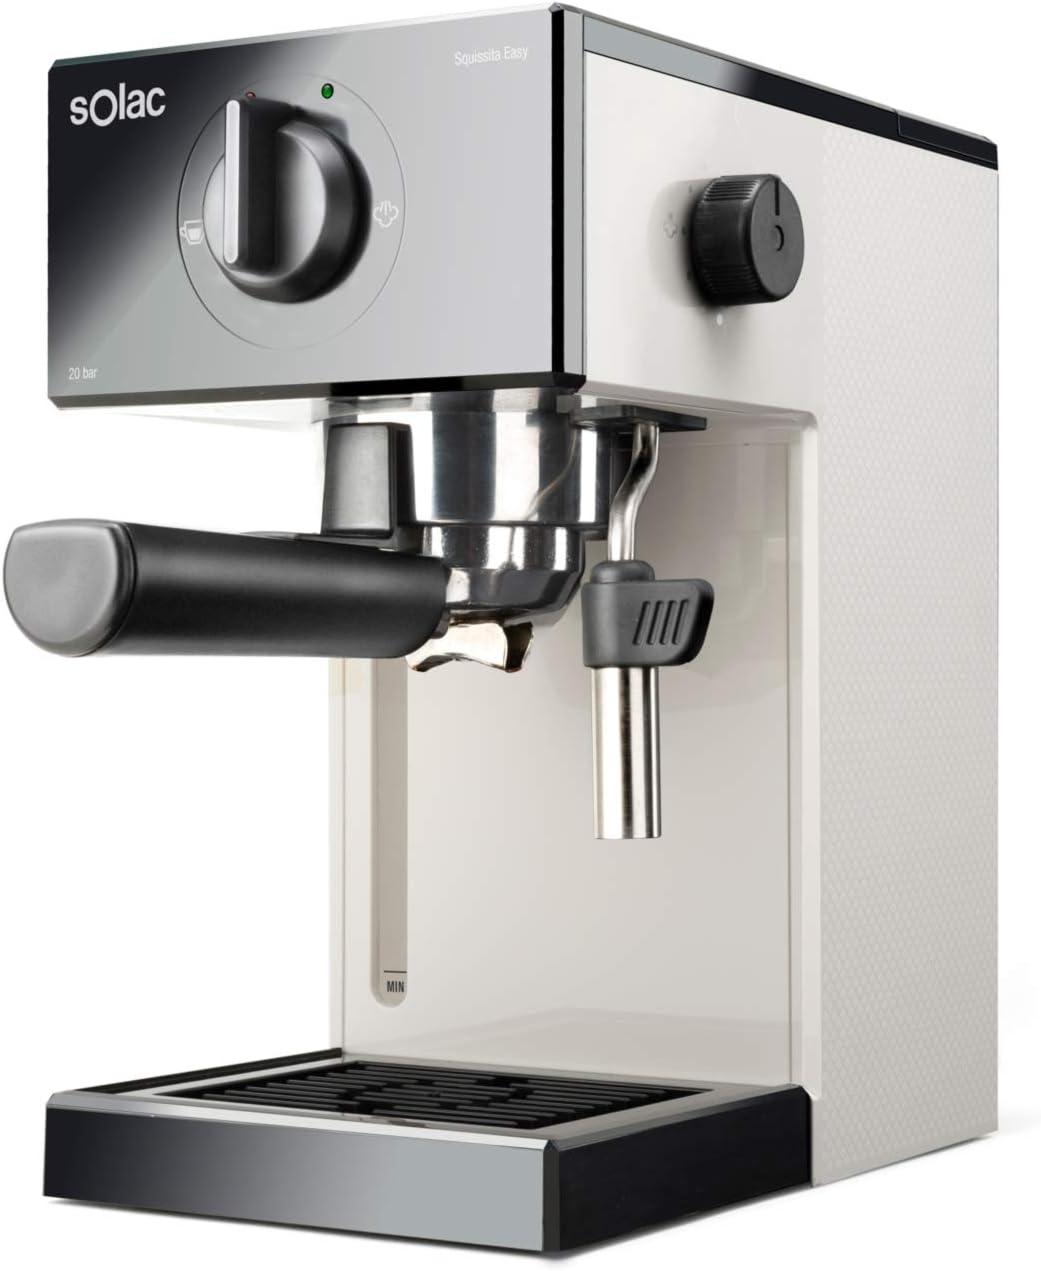 Solac CE4504 Squissita Easy Blue - Cafetera espresso, 20 bar, Double Cream, Espresso y Cappuccino, 1050 W, Portafiltros 1 ó 2 cafés, Monodosis/molido, Vaporizador de acero inoxidable, 1.5 l, Azul: Amazon.es: Hogar